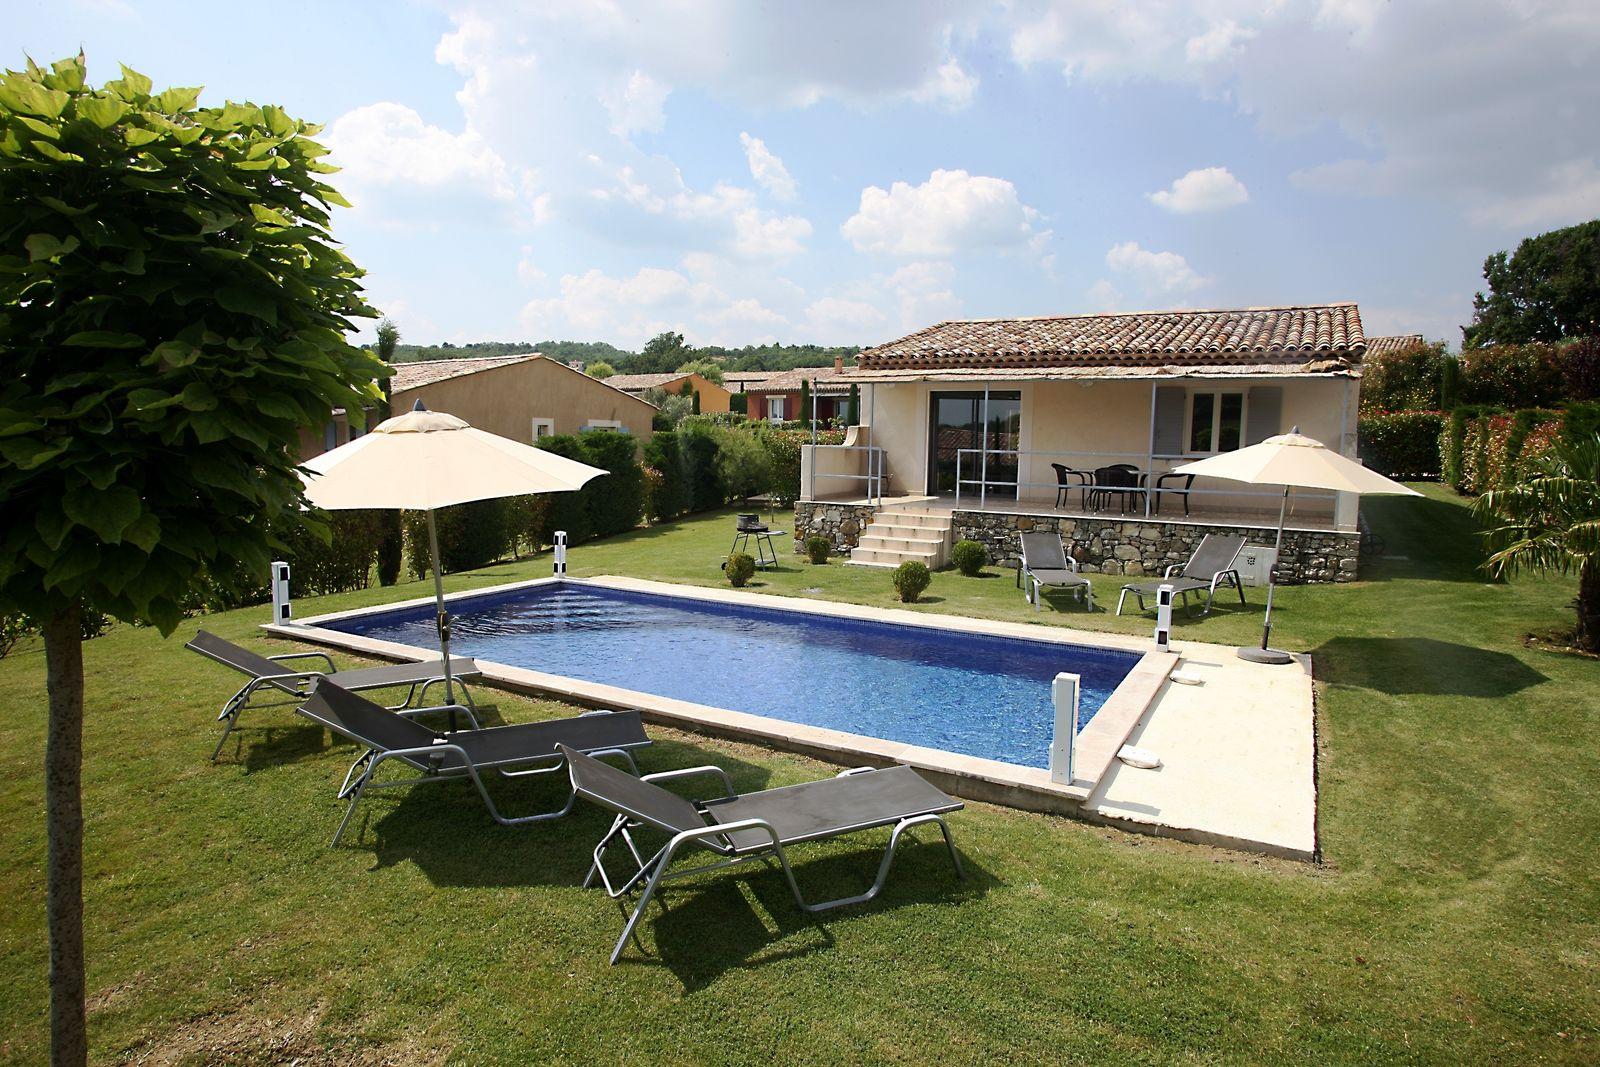 Afbeelding van Park Beaudine - vakantiewoning T3 met prive-zwembad in Zuid-Frankrijk